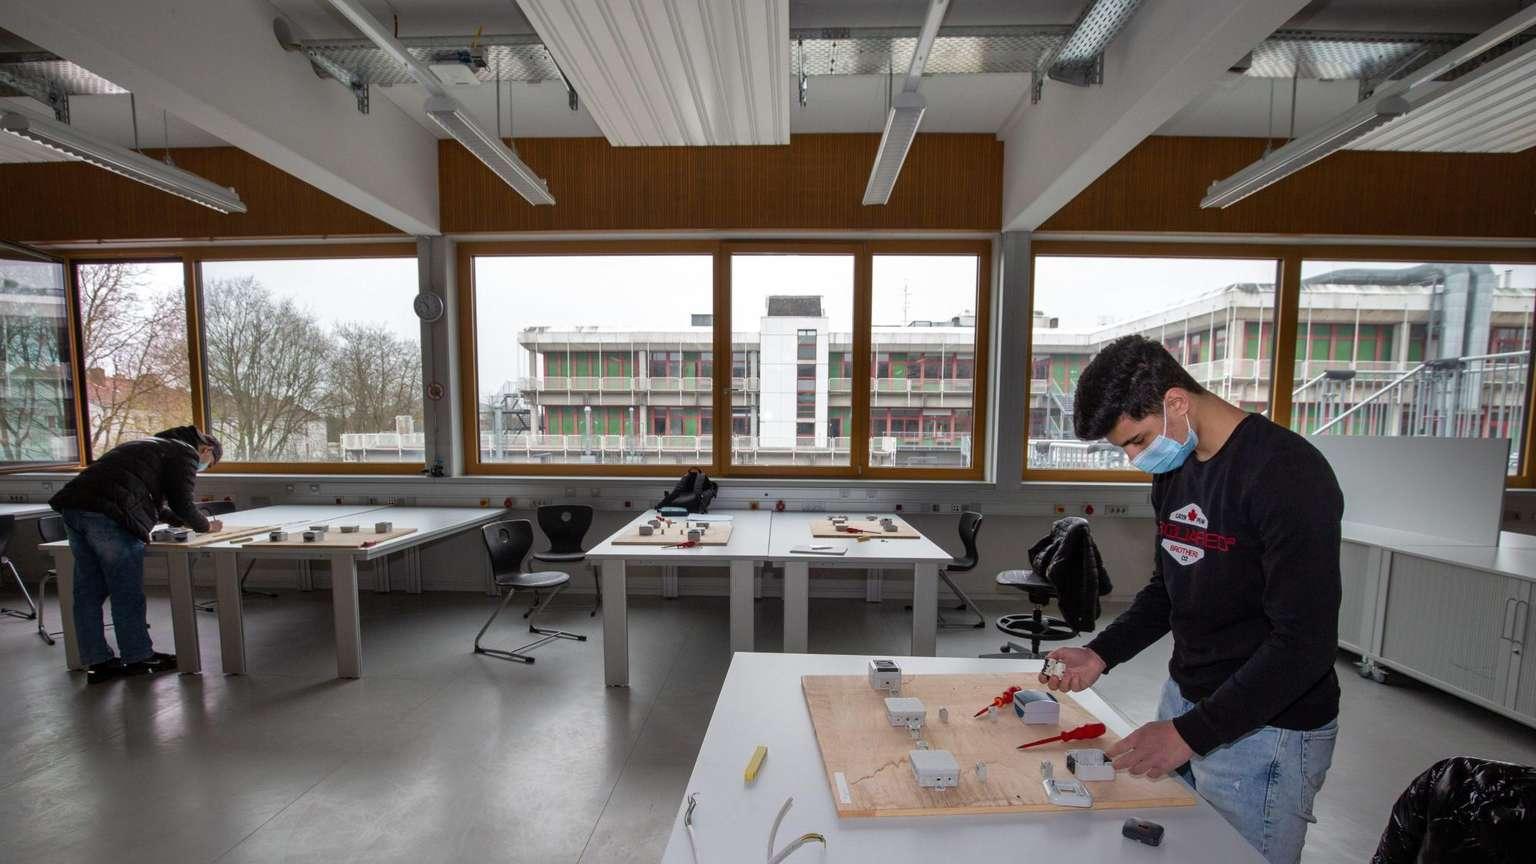 Frankfurter Rundschau – Wiesbadener Berufsschulen auf Vordermann bringen